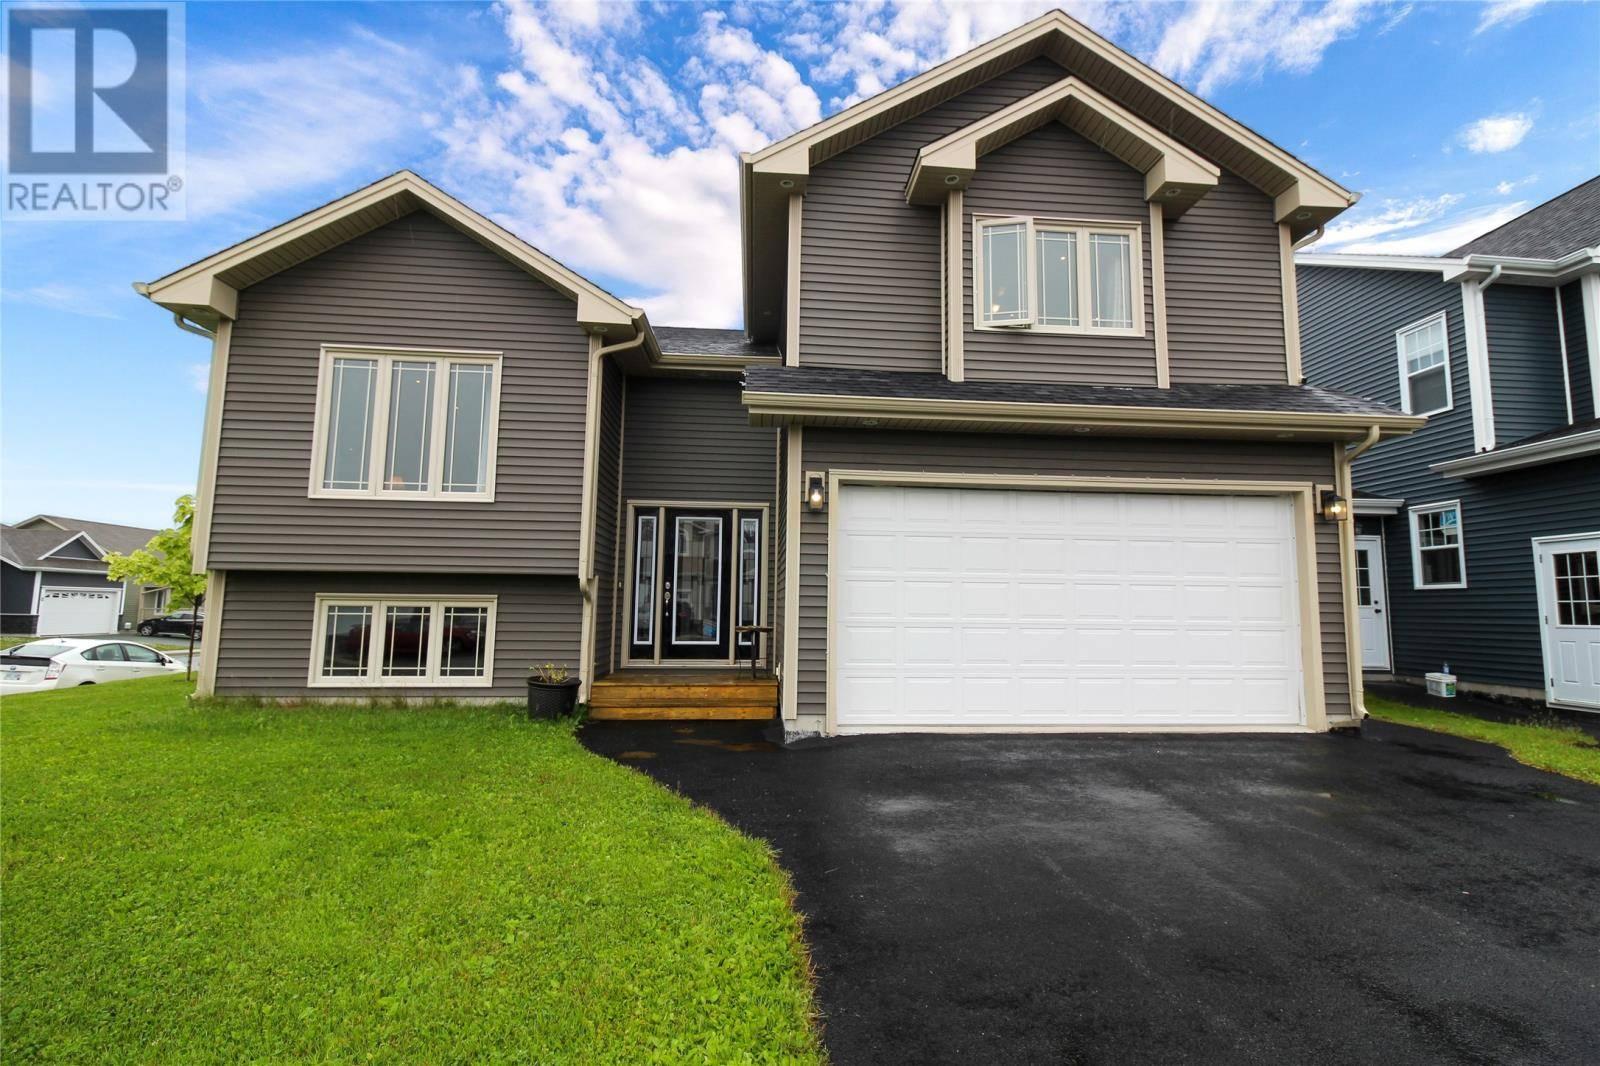 House for sale at 41 Teakwood Dr St. John's Newfoundland - MLS: 1200025